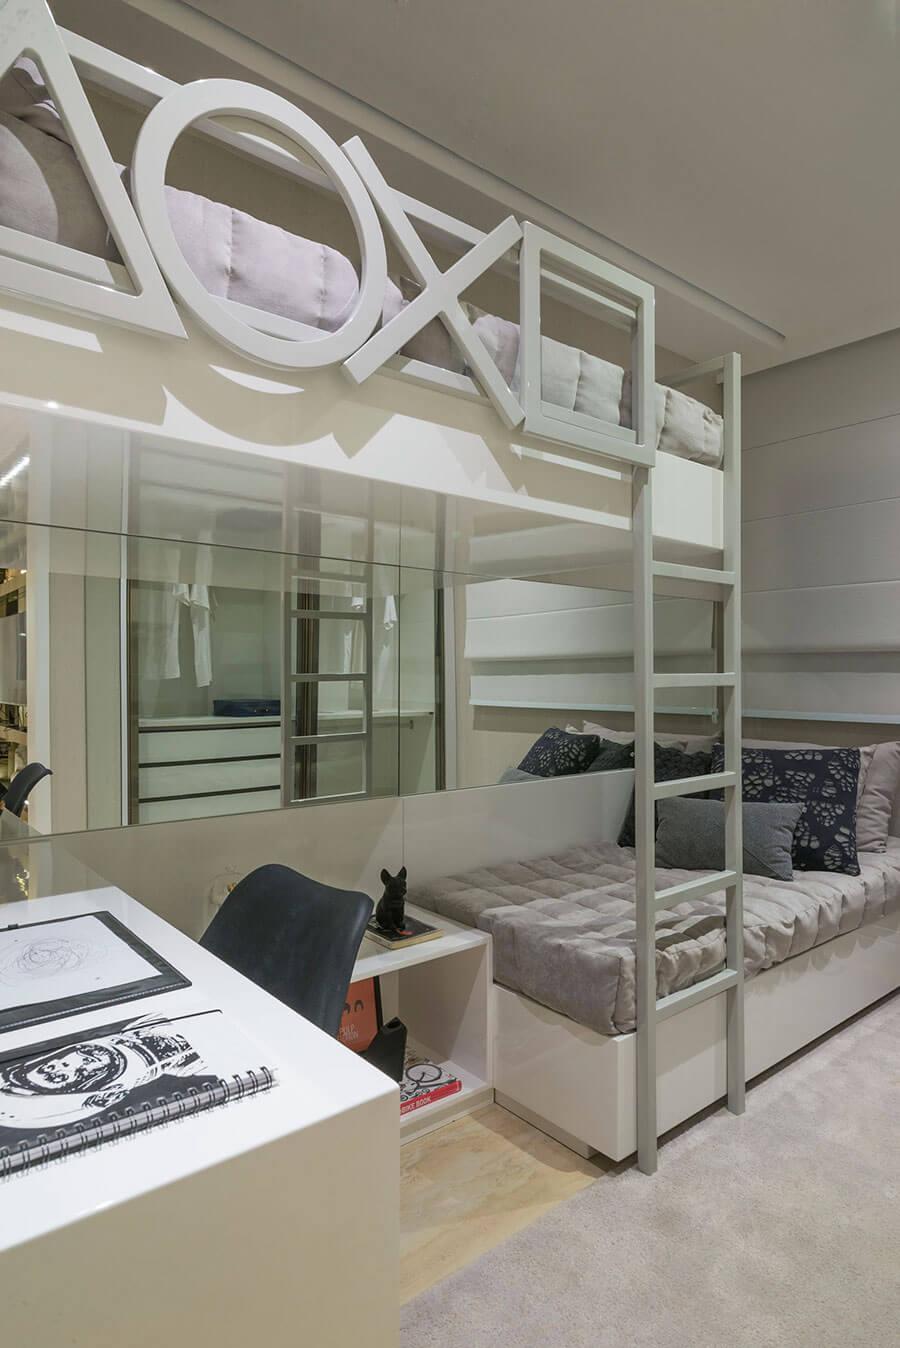 Projeto do quarto de solteiro no apartamento decorado de 105m² do Wonder by Praças da Cidade, um empreendimento da Lavvi Incorporadora.